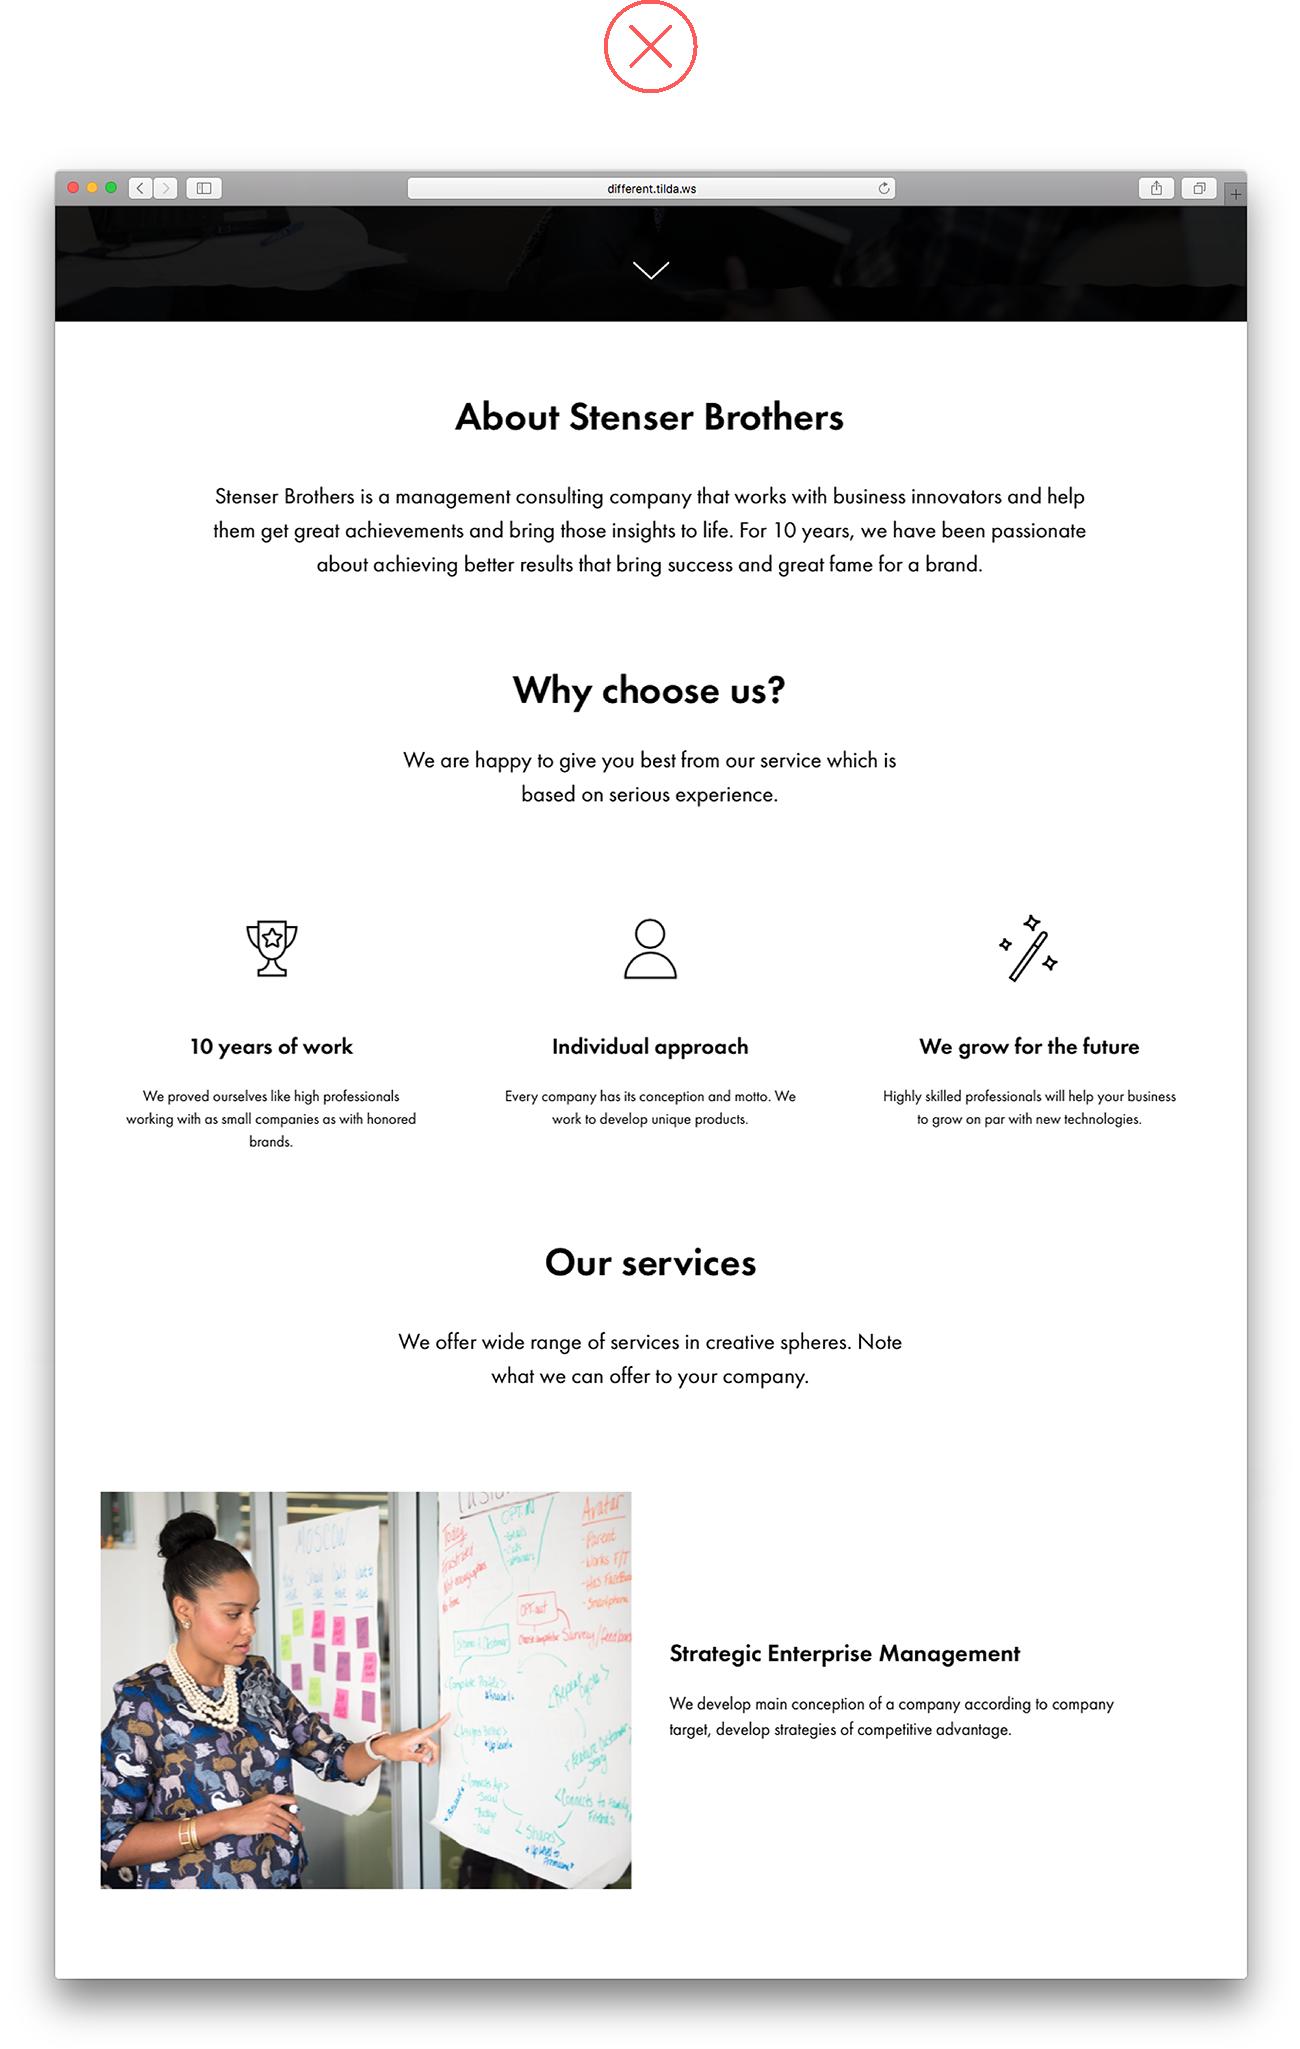 如何让你的网页看起来更美观